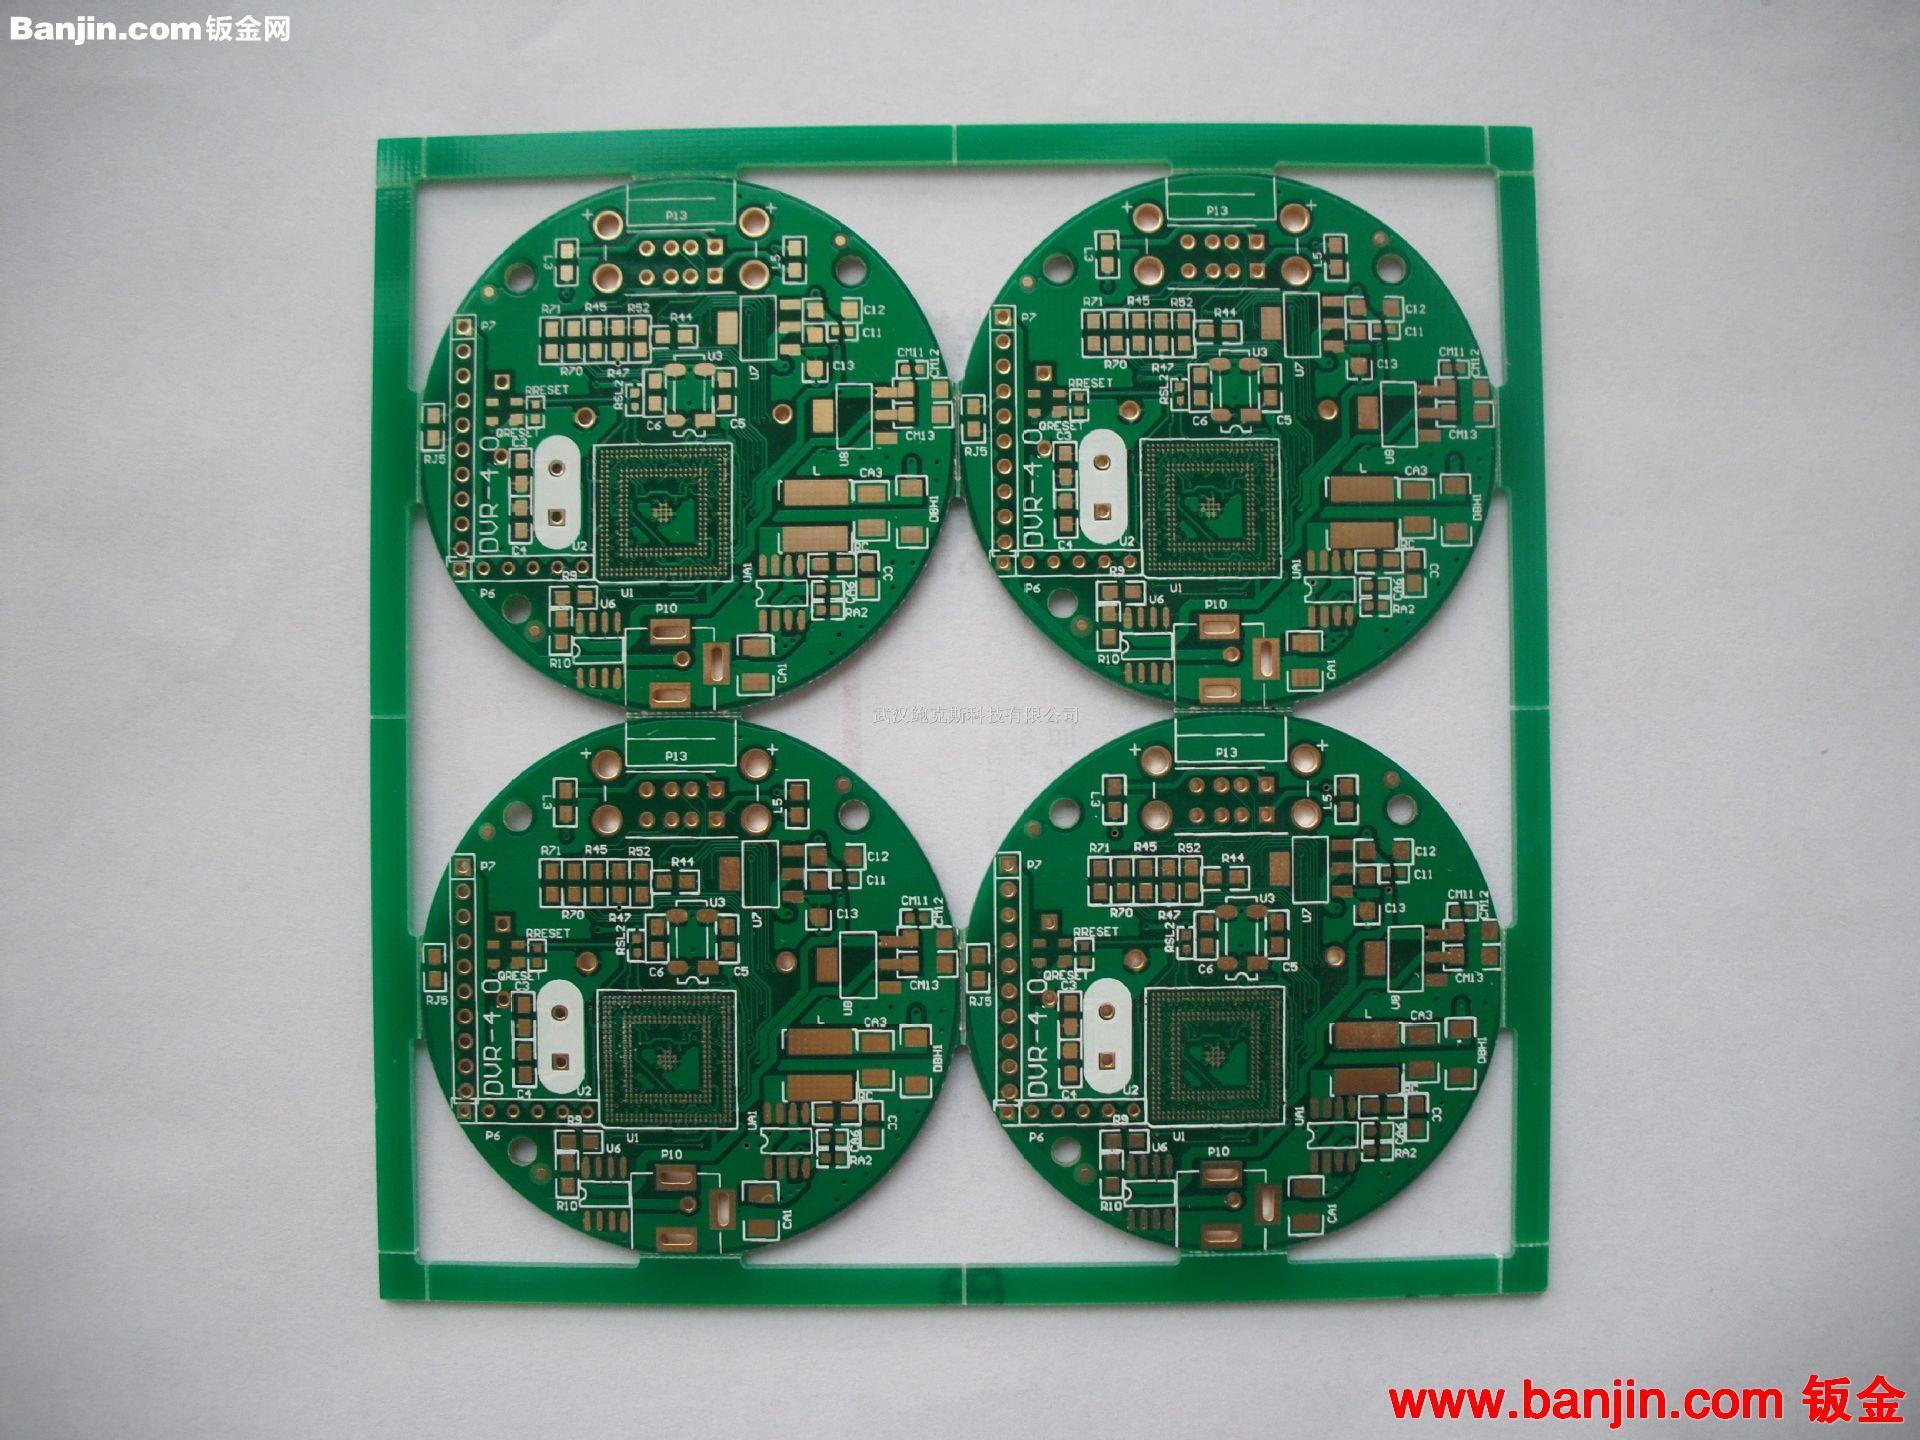 加工印制电路板,印制线路板,印制pcb pcb厂家供应 量大价优惠